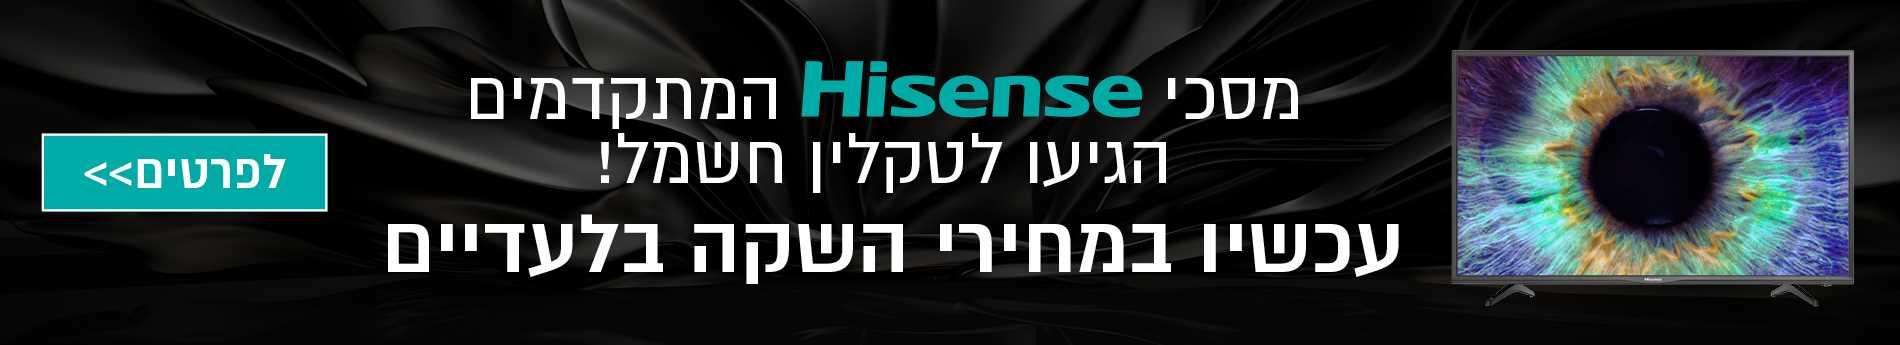 מסכי HISENSE המתקדמים הגיעו לטרקלין חשמל! עכשיו במחירי השקה בלעדיים, לפרטים